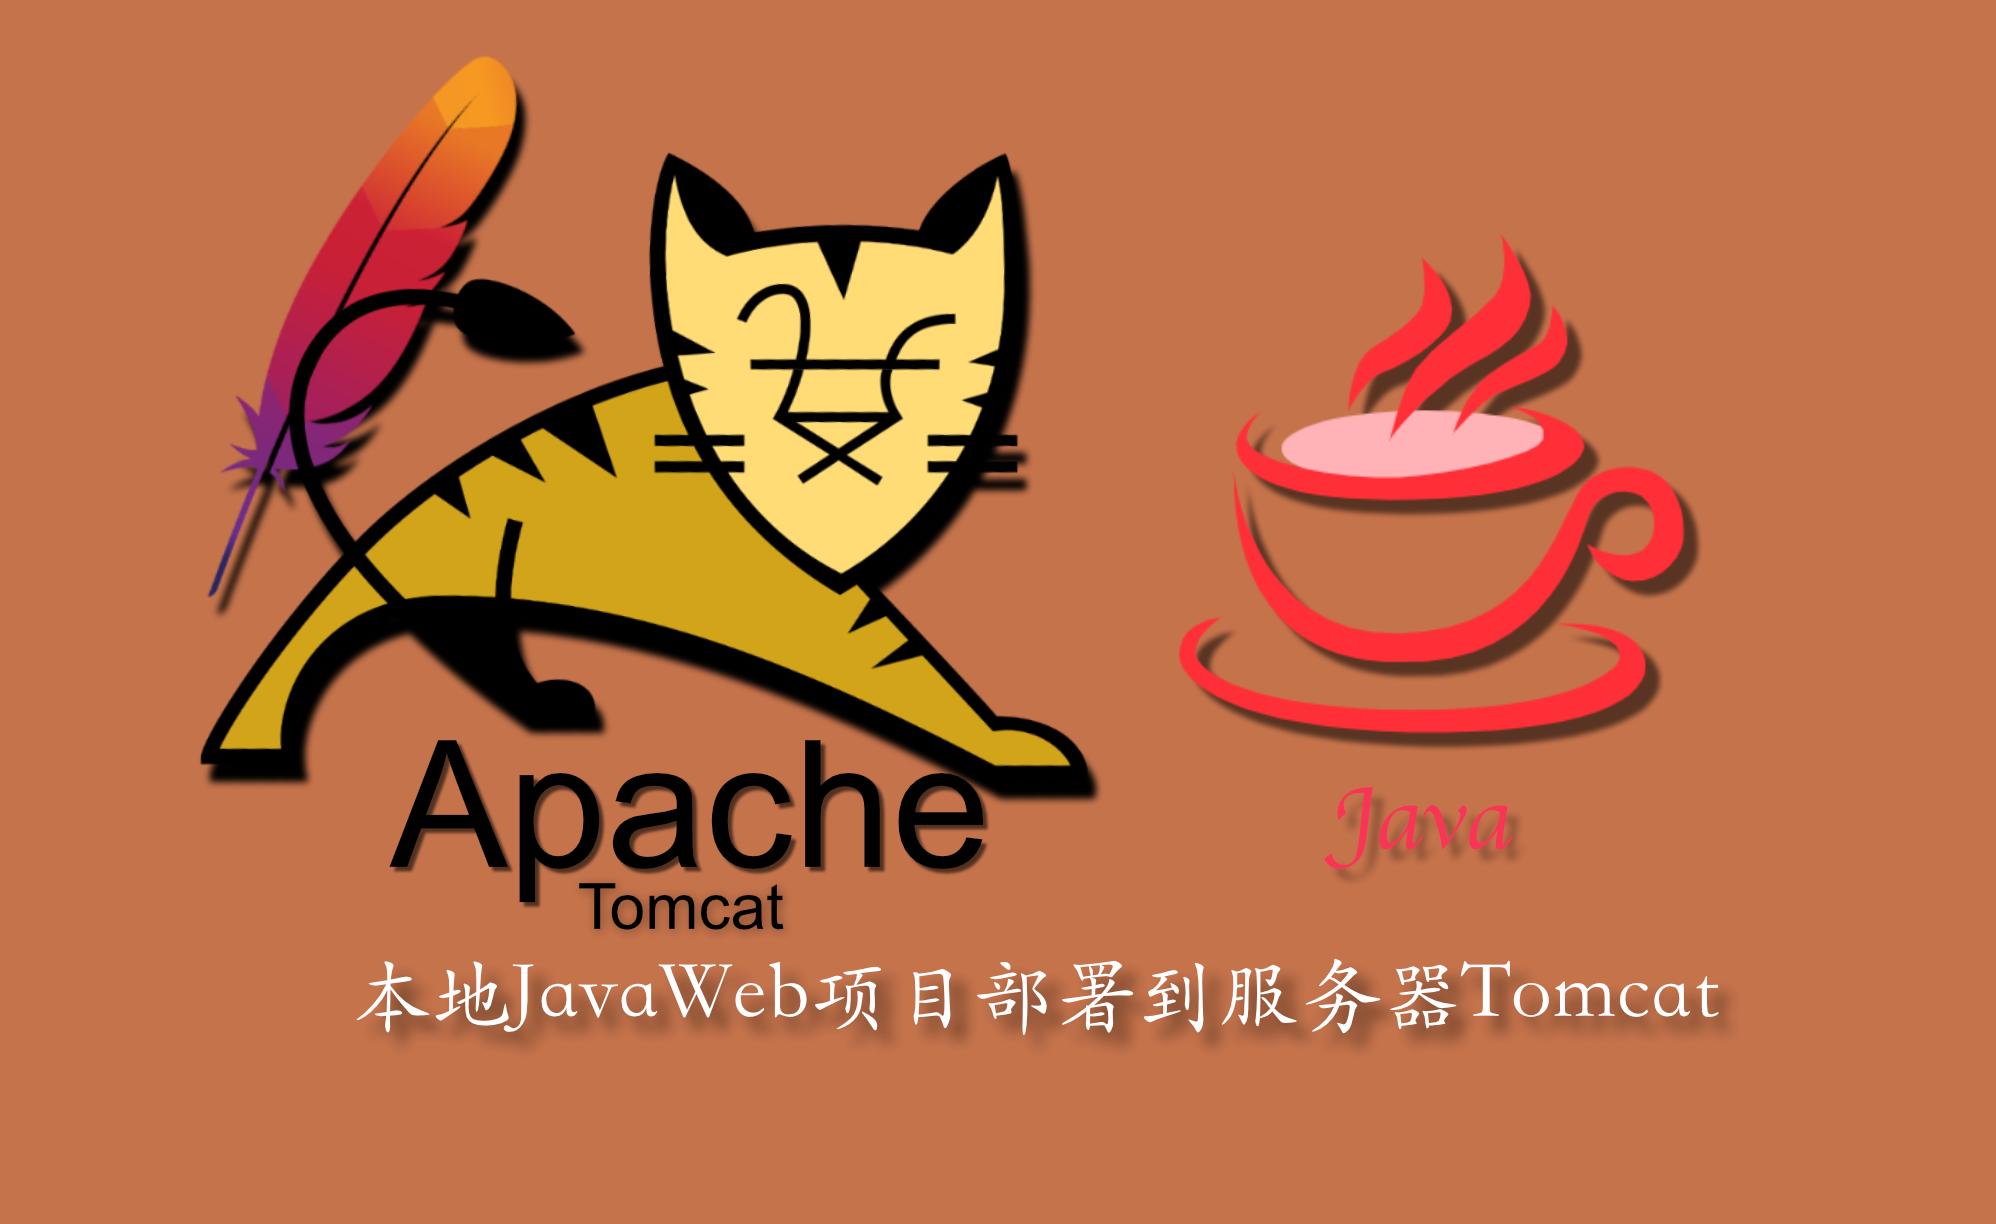 本地JavaWeb项目部署到服务器Tomcat